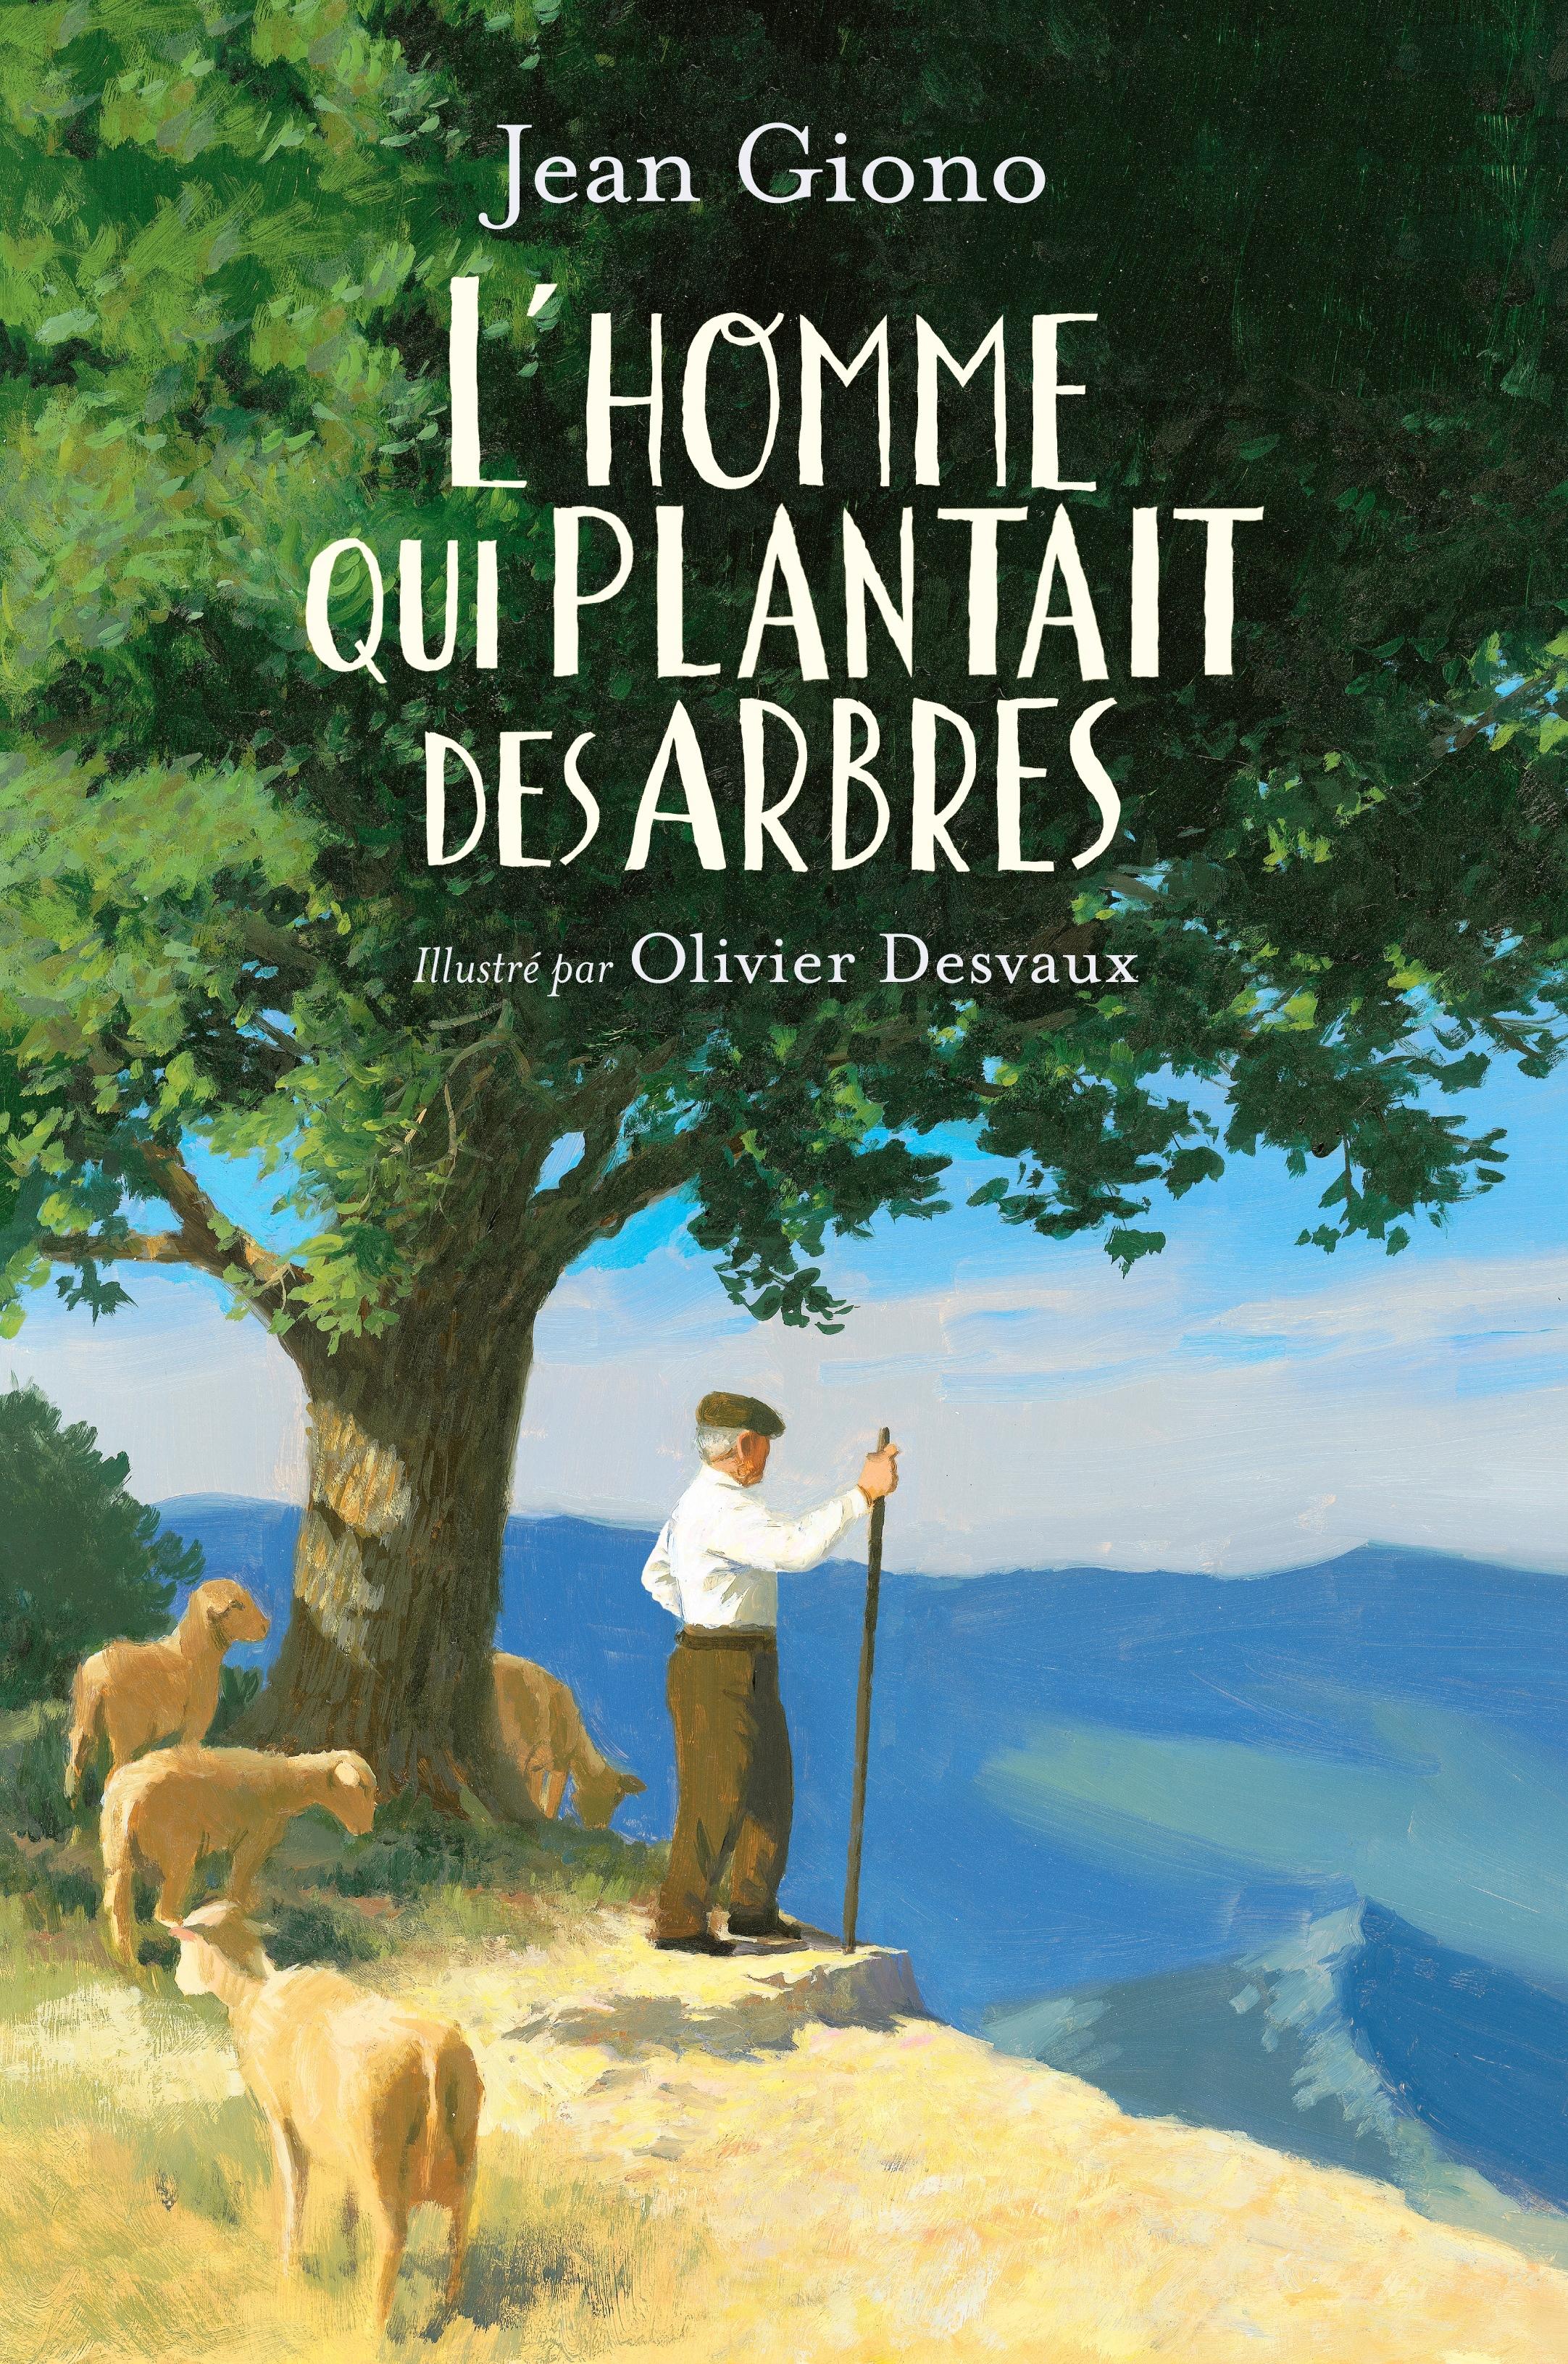 J00765_homme_plantait_arbre_COUV.indd